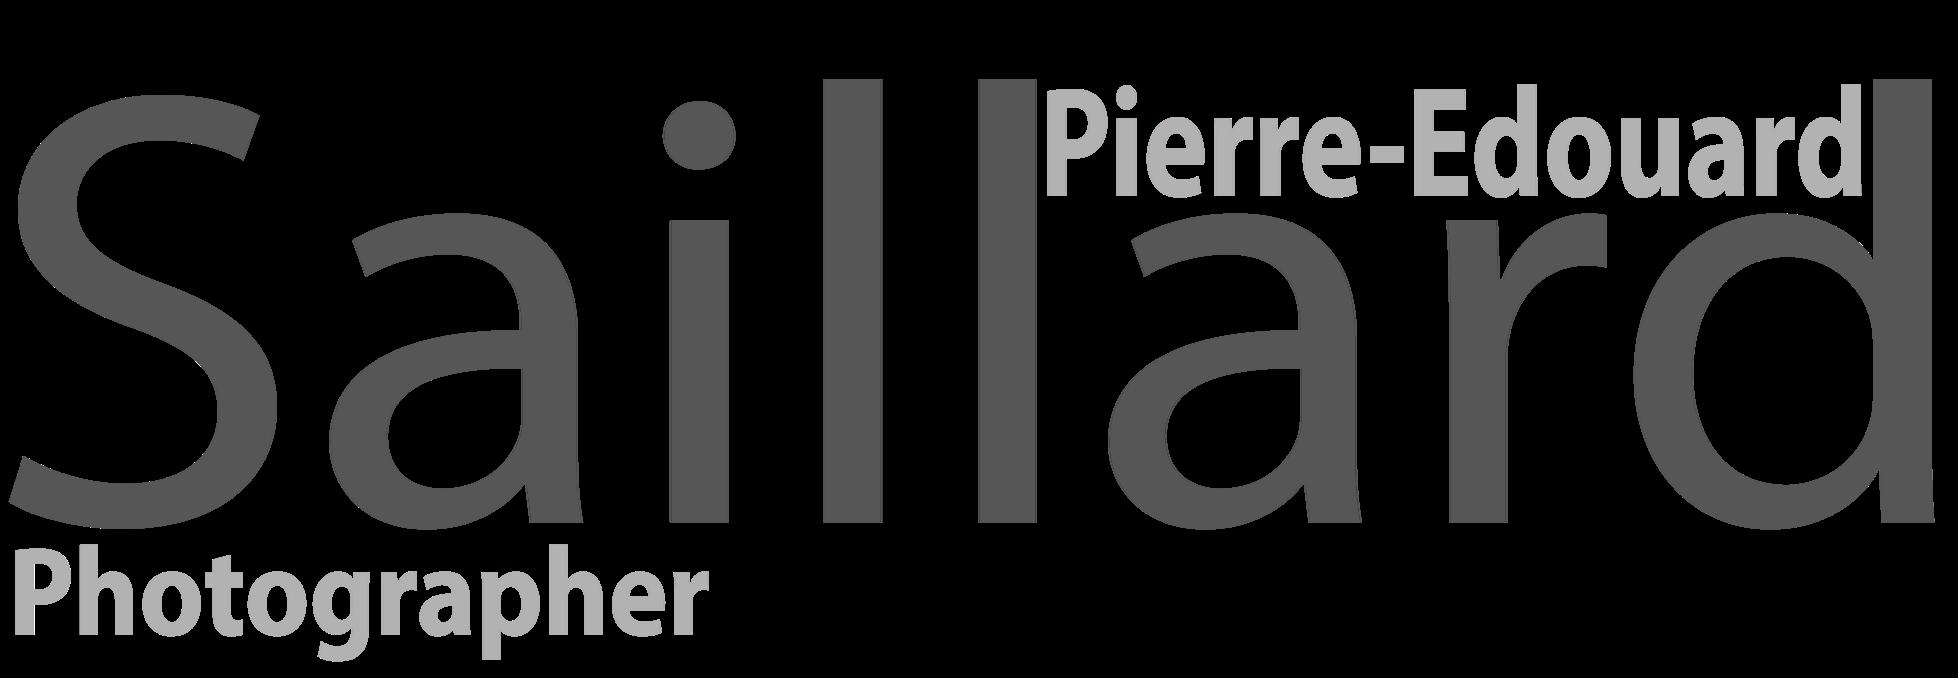 P-E Saillard